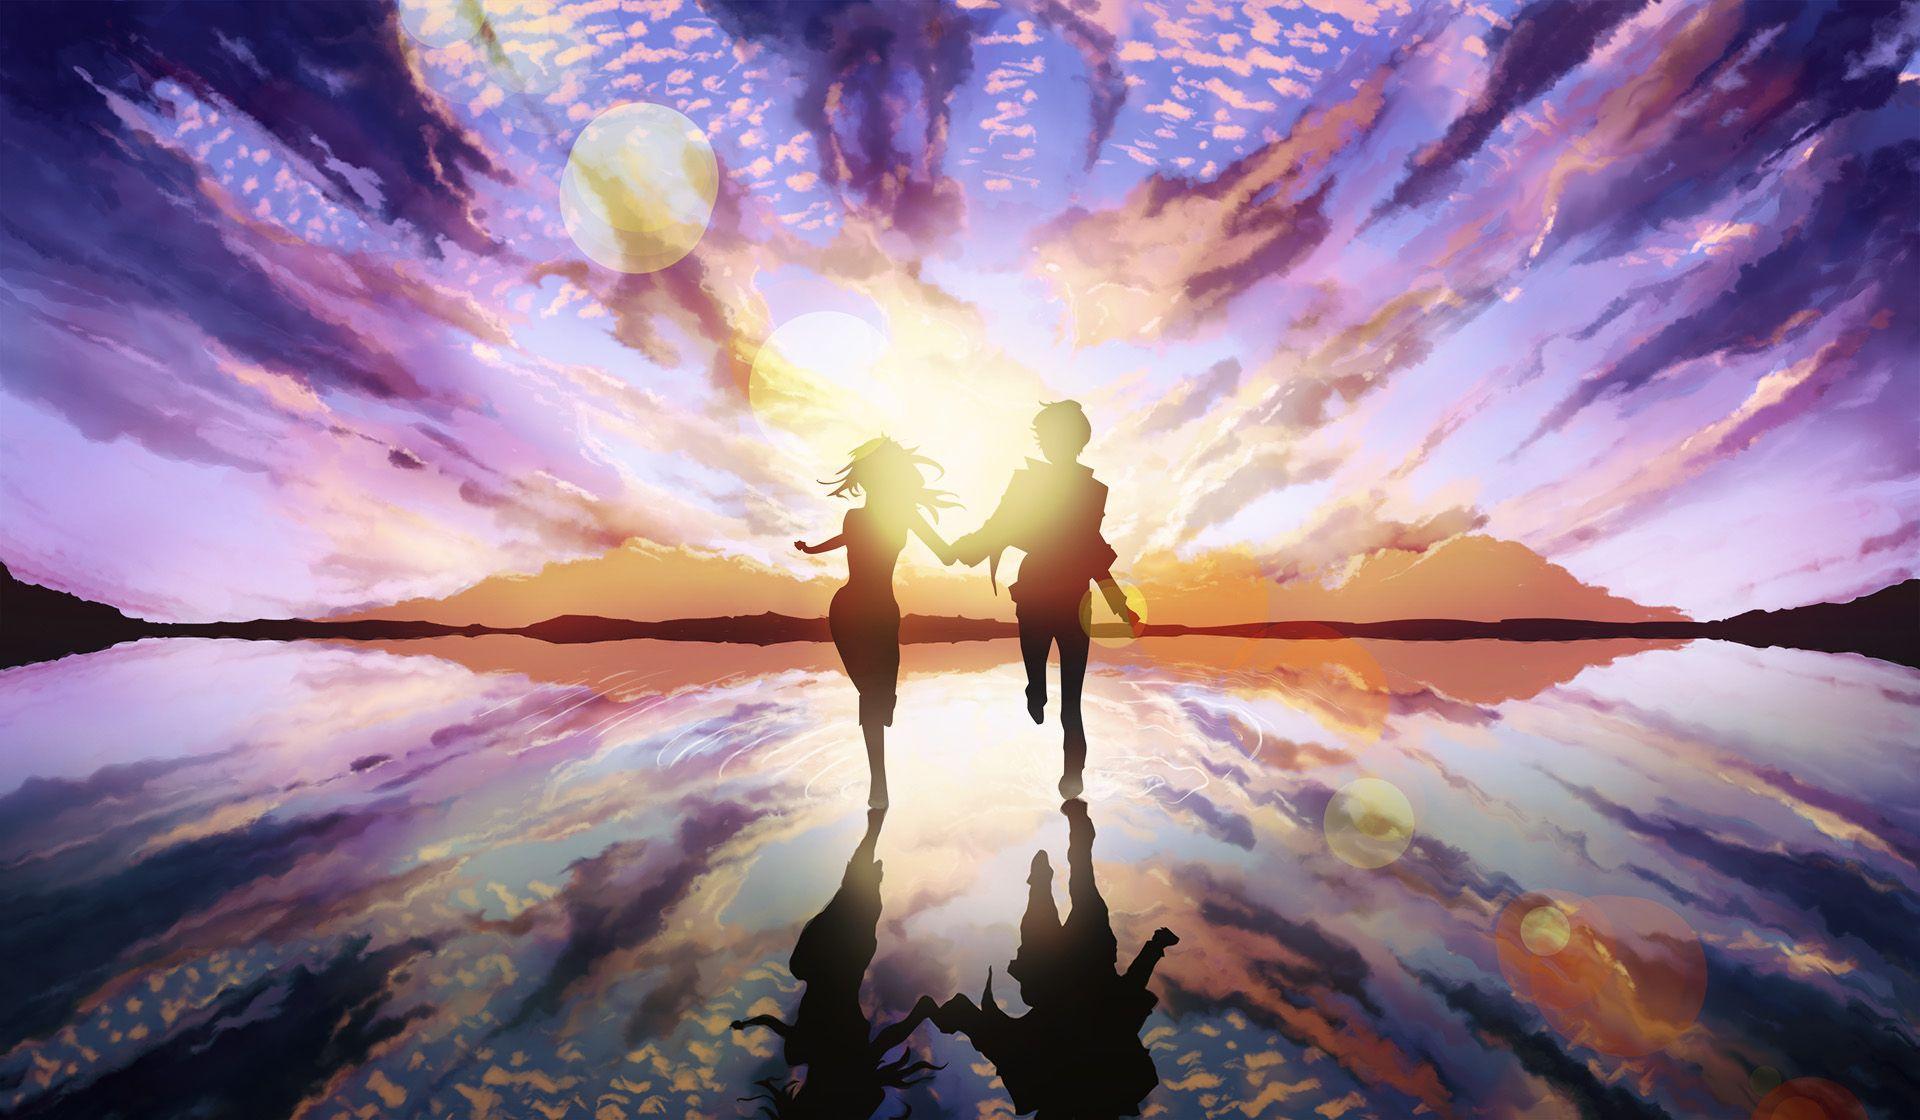 Love Art Art Art Wallpaper